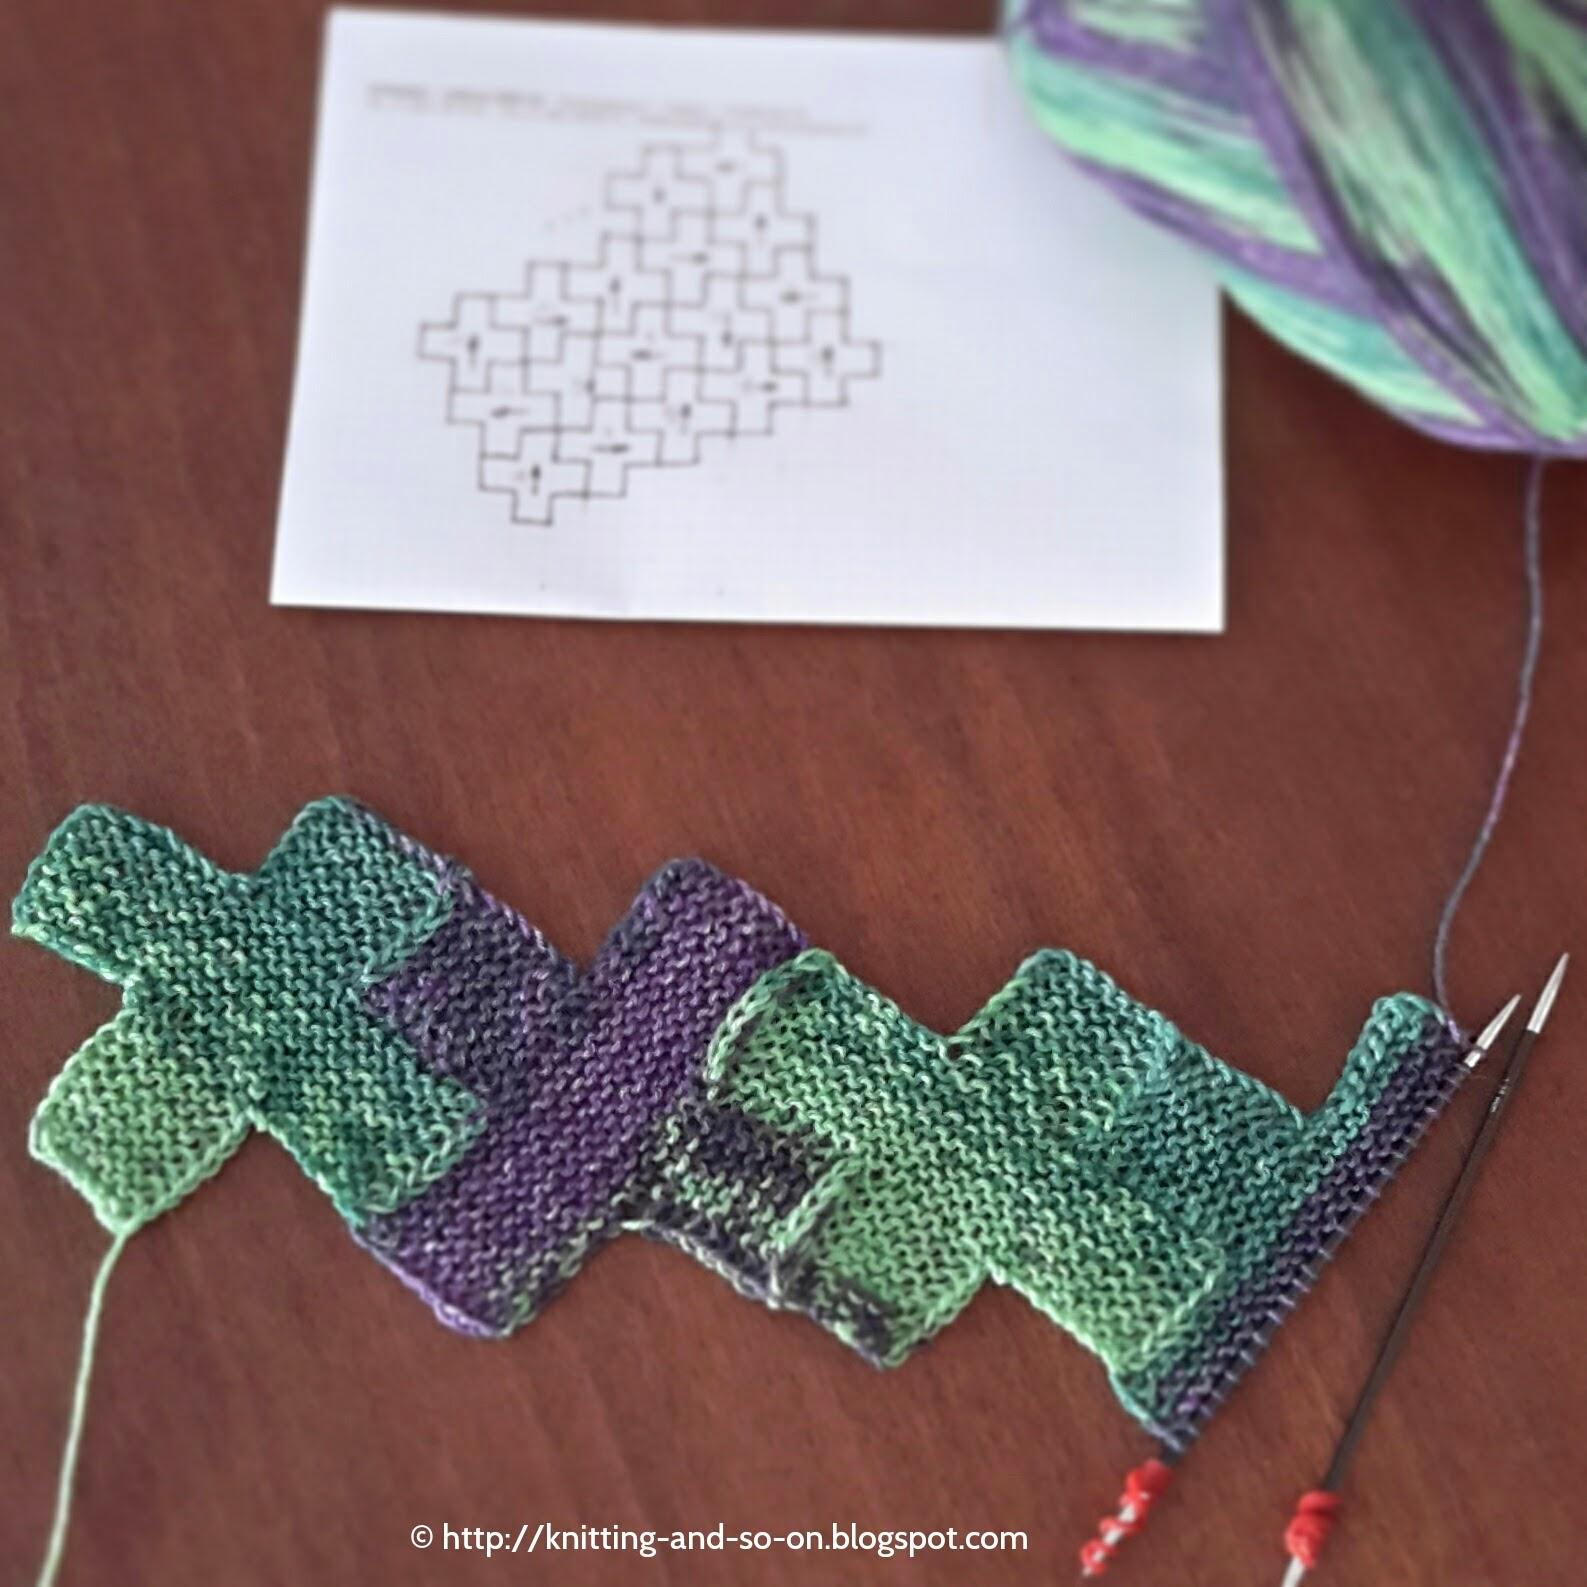 Modular Knitting Patterns : Knitting and so on: More Modular Knitting